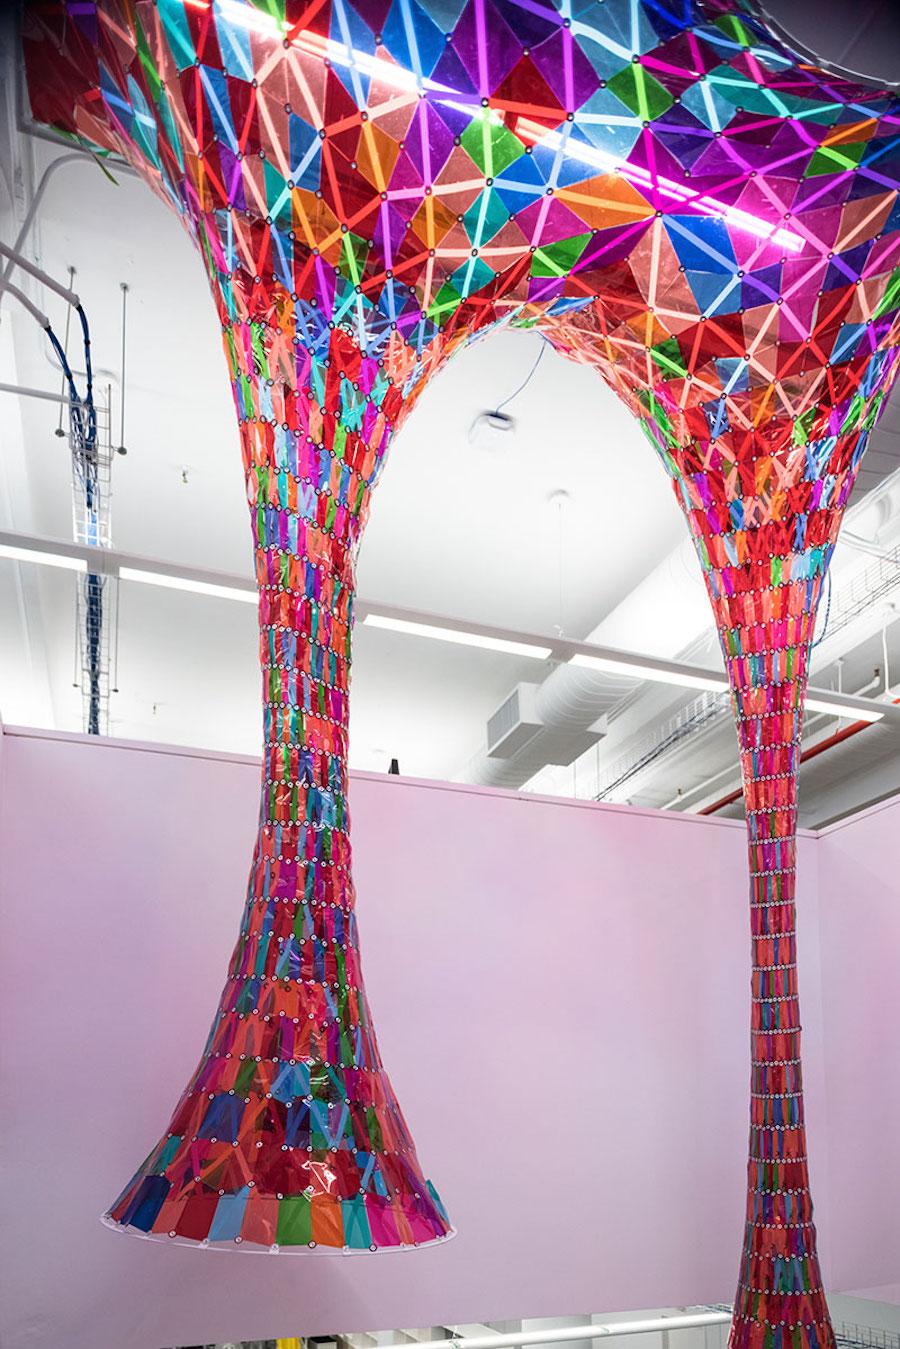 installazione-vetro-colori-behance-new-york-softlab-9